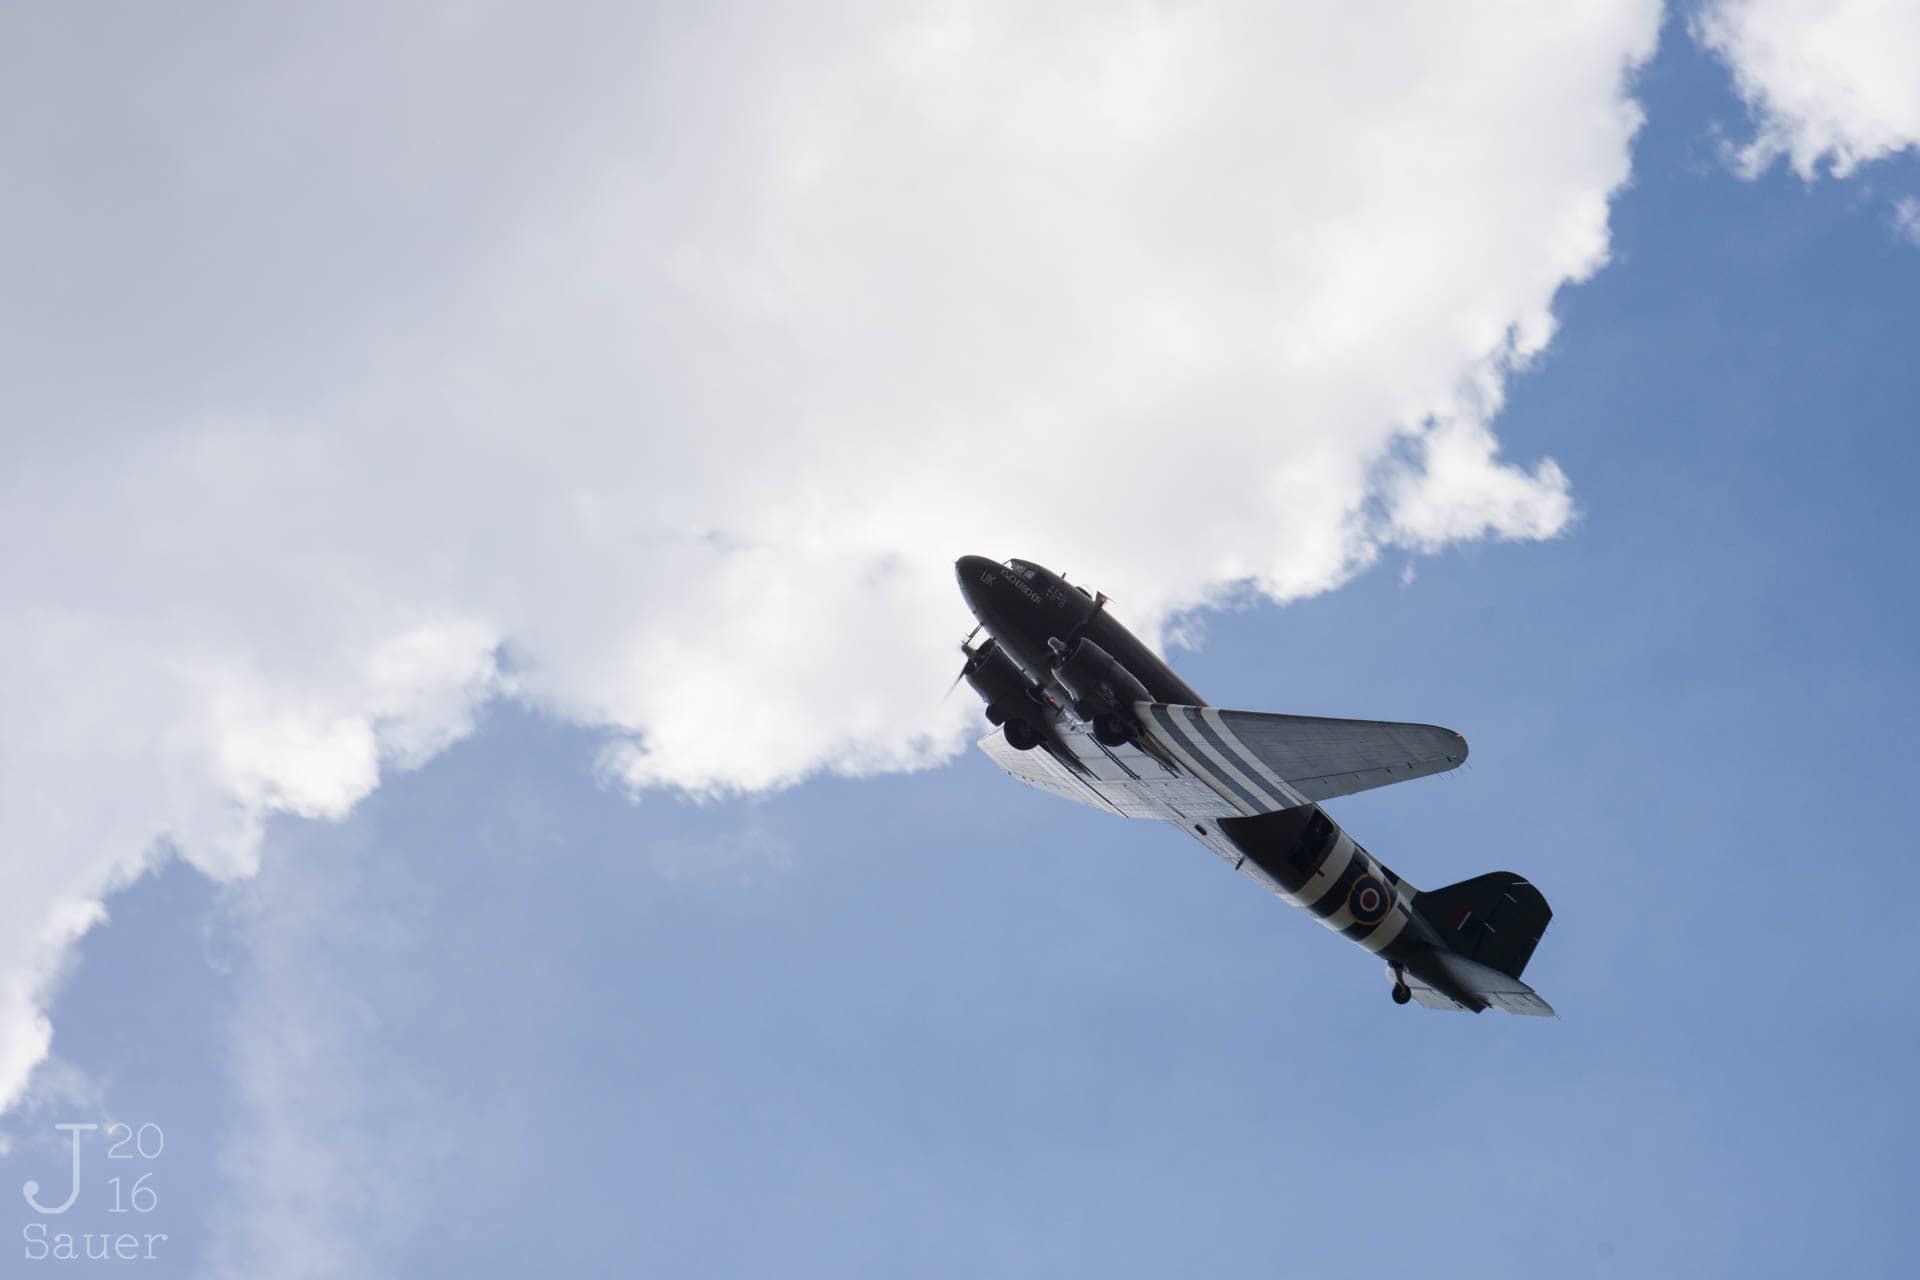 Dakota vliegtuig